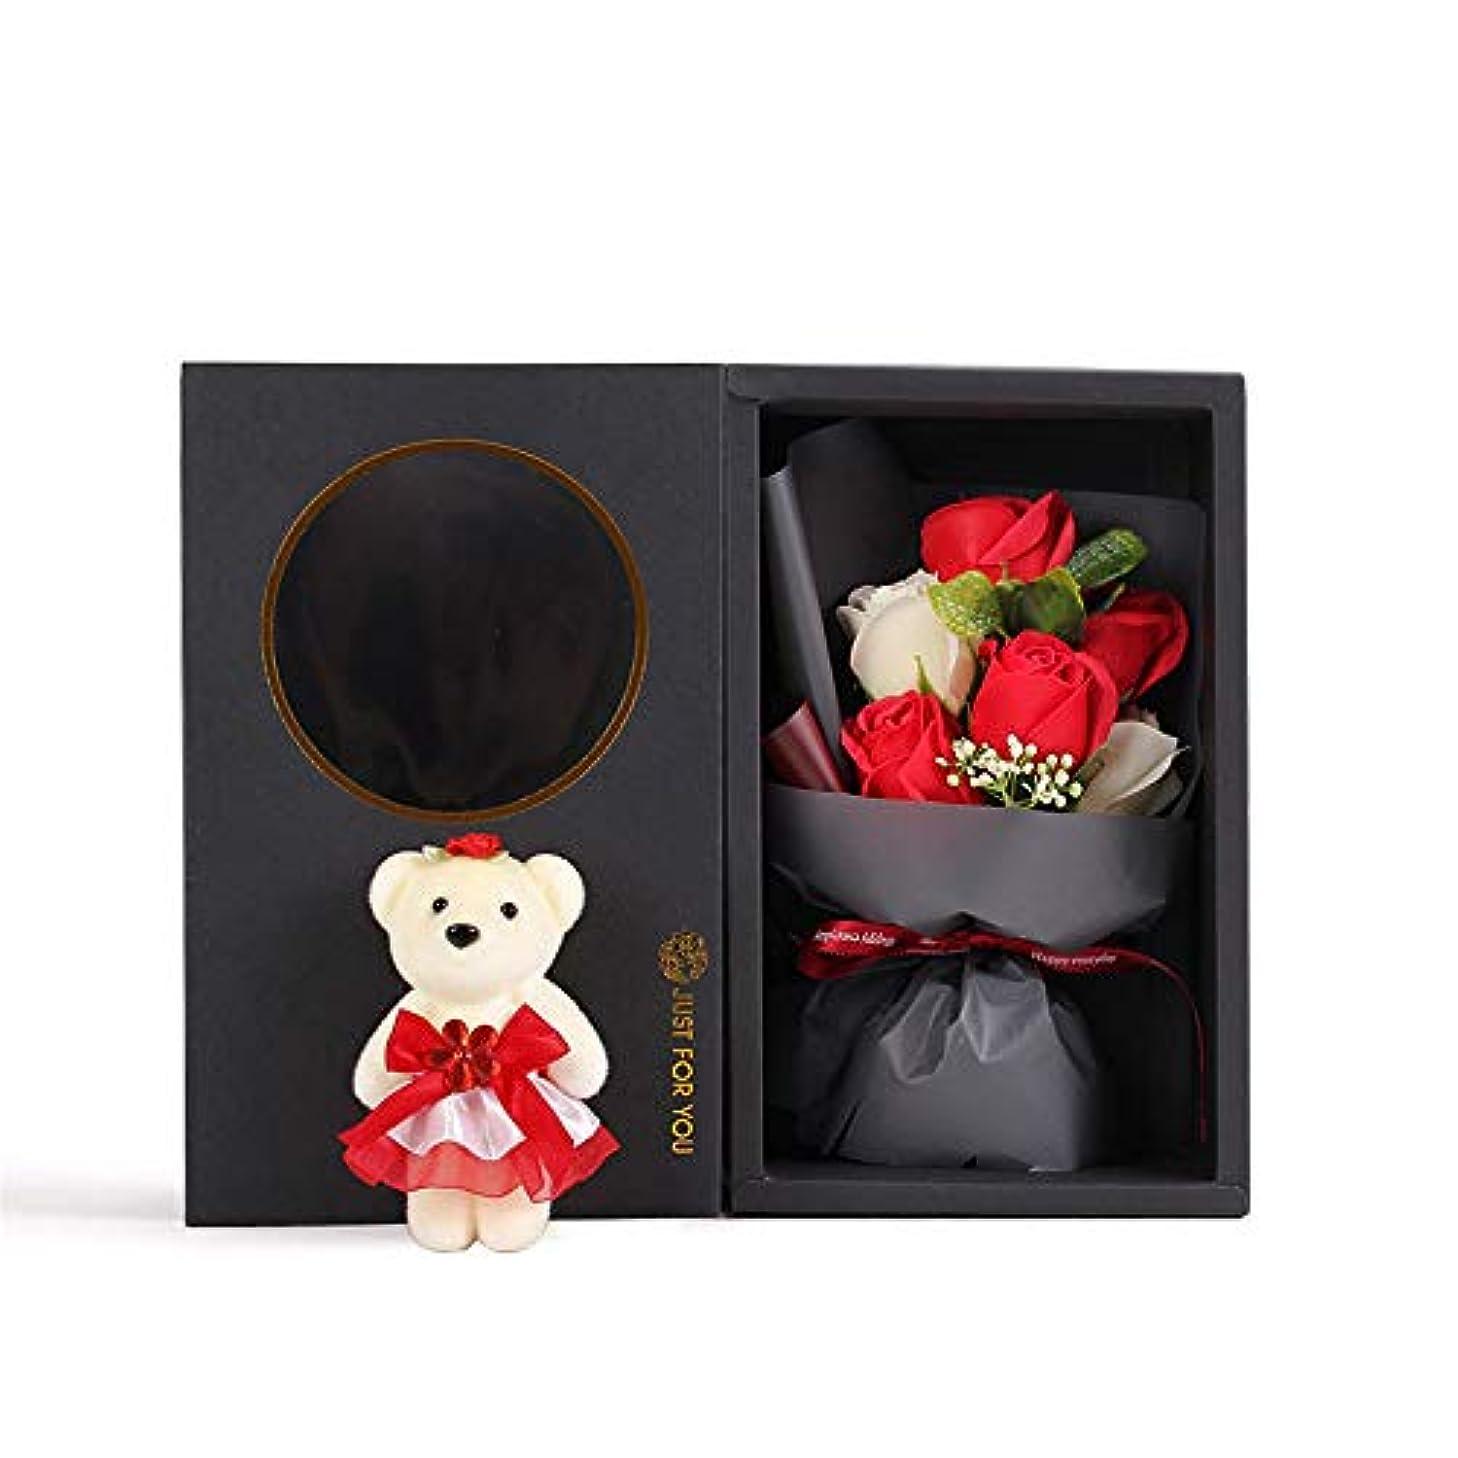 番目上がるちっちゃい手作り6石鹸花の花束ギフトボックス、女性のためのギフトあなたがバレンタインデー、母の日、結婚式、クリスマス、誕生日を愛した女の子(ベアカラーランダム) (色 : 赤)